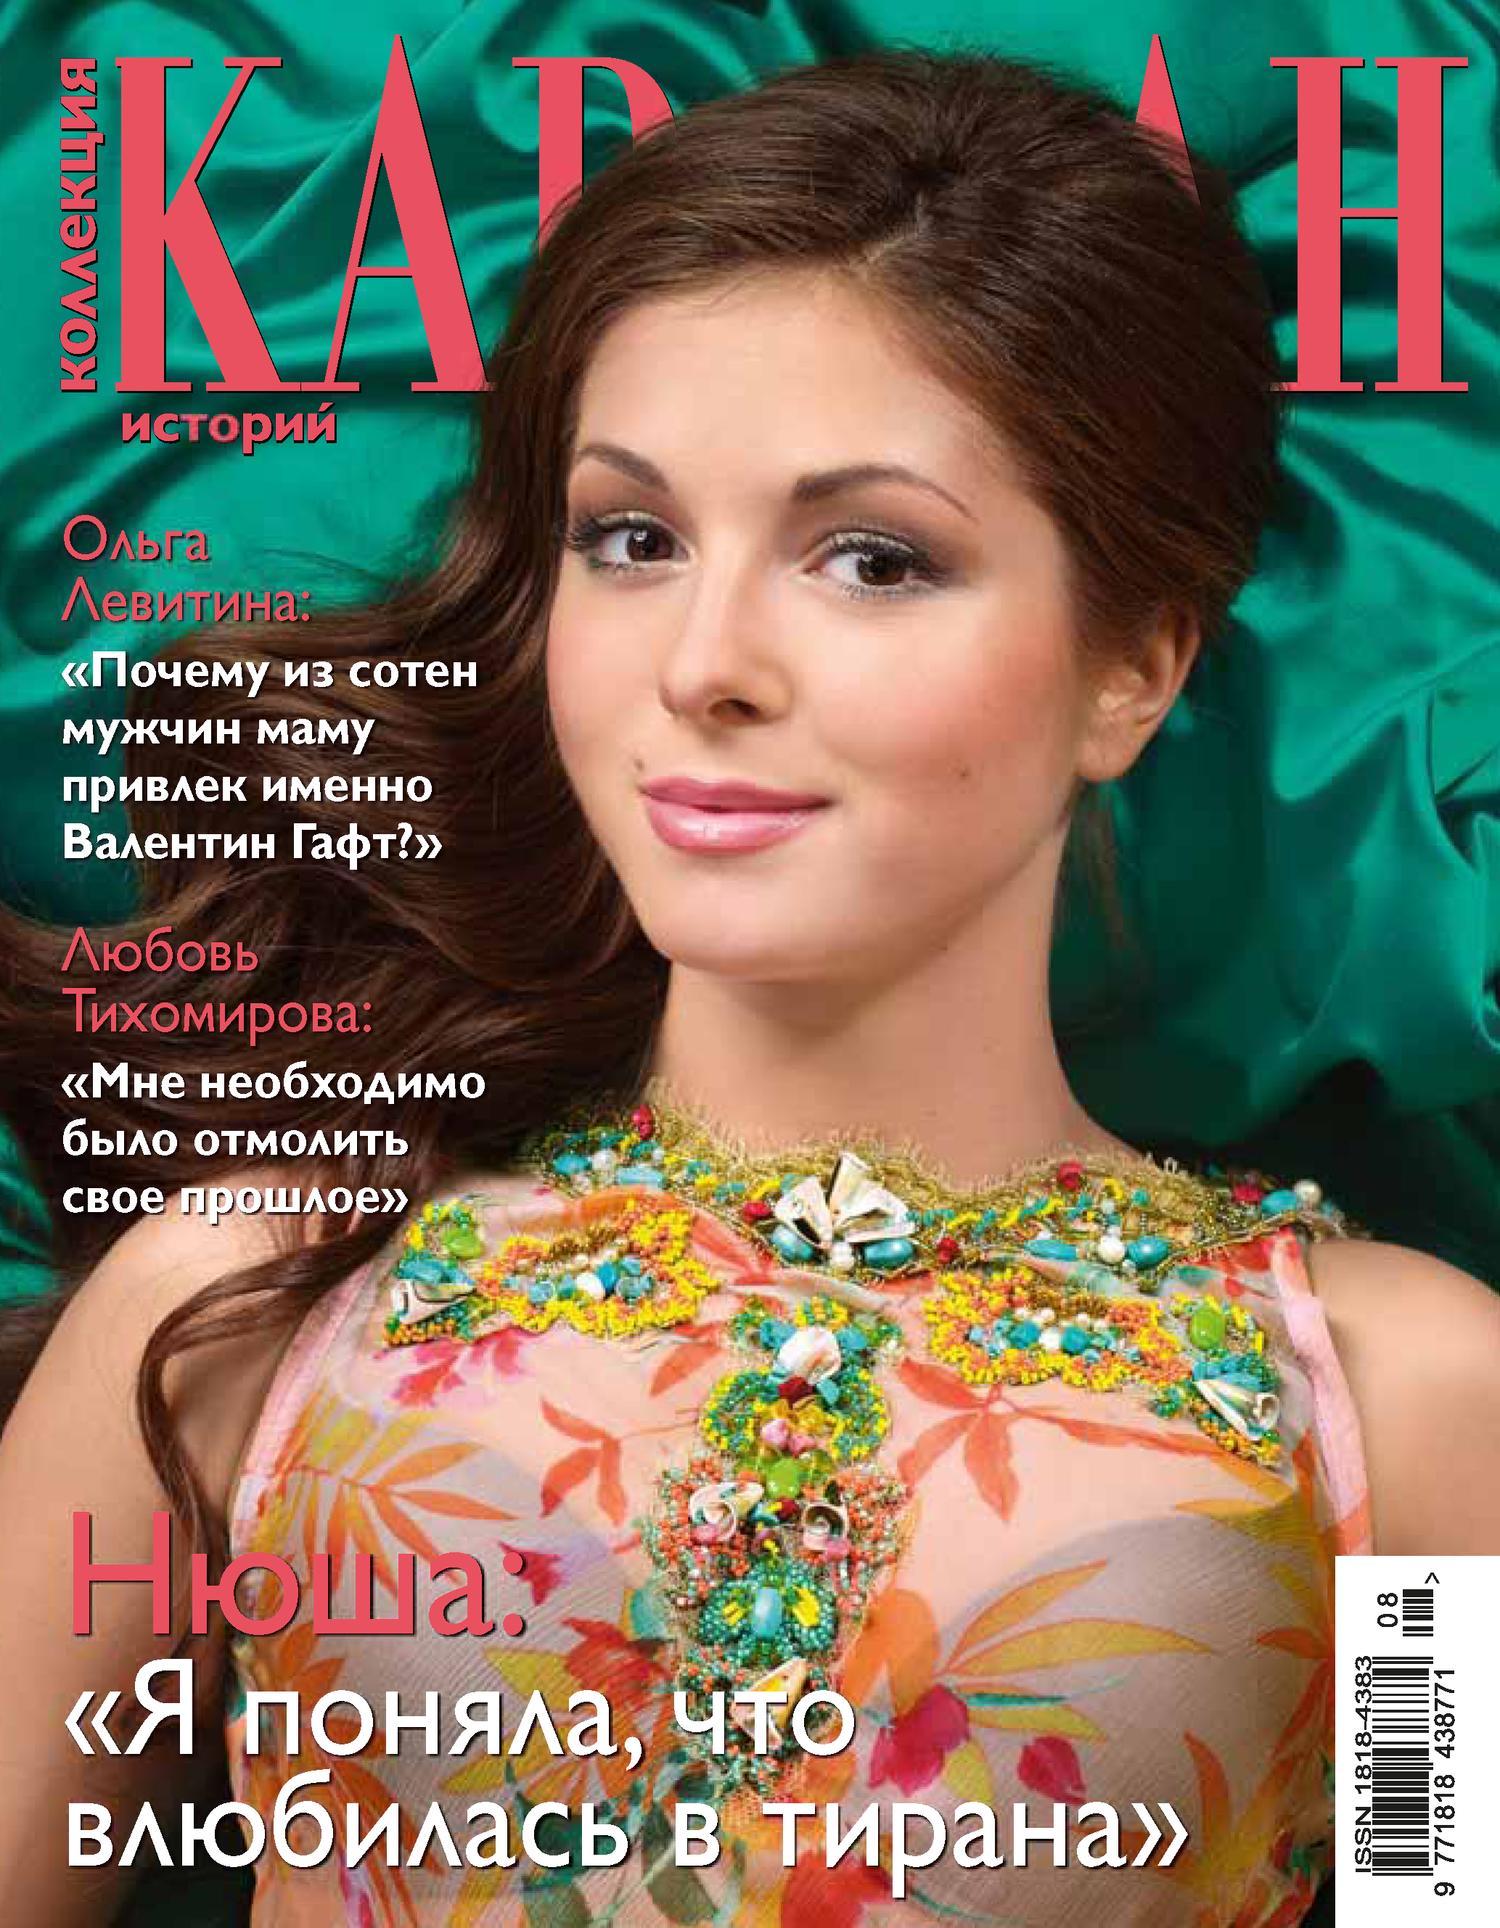 Отсутствует Коллекция Караван историй №08 / август 2012